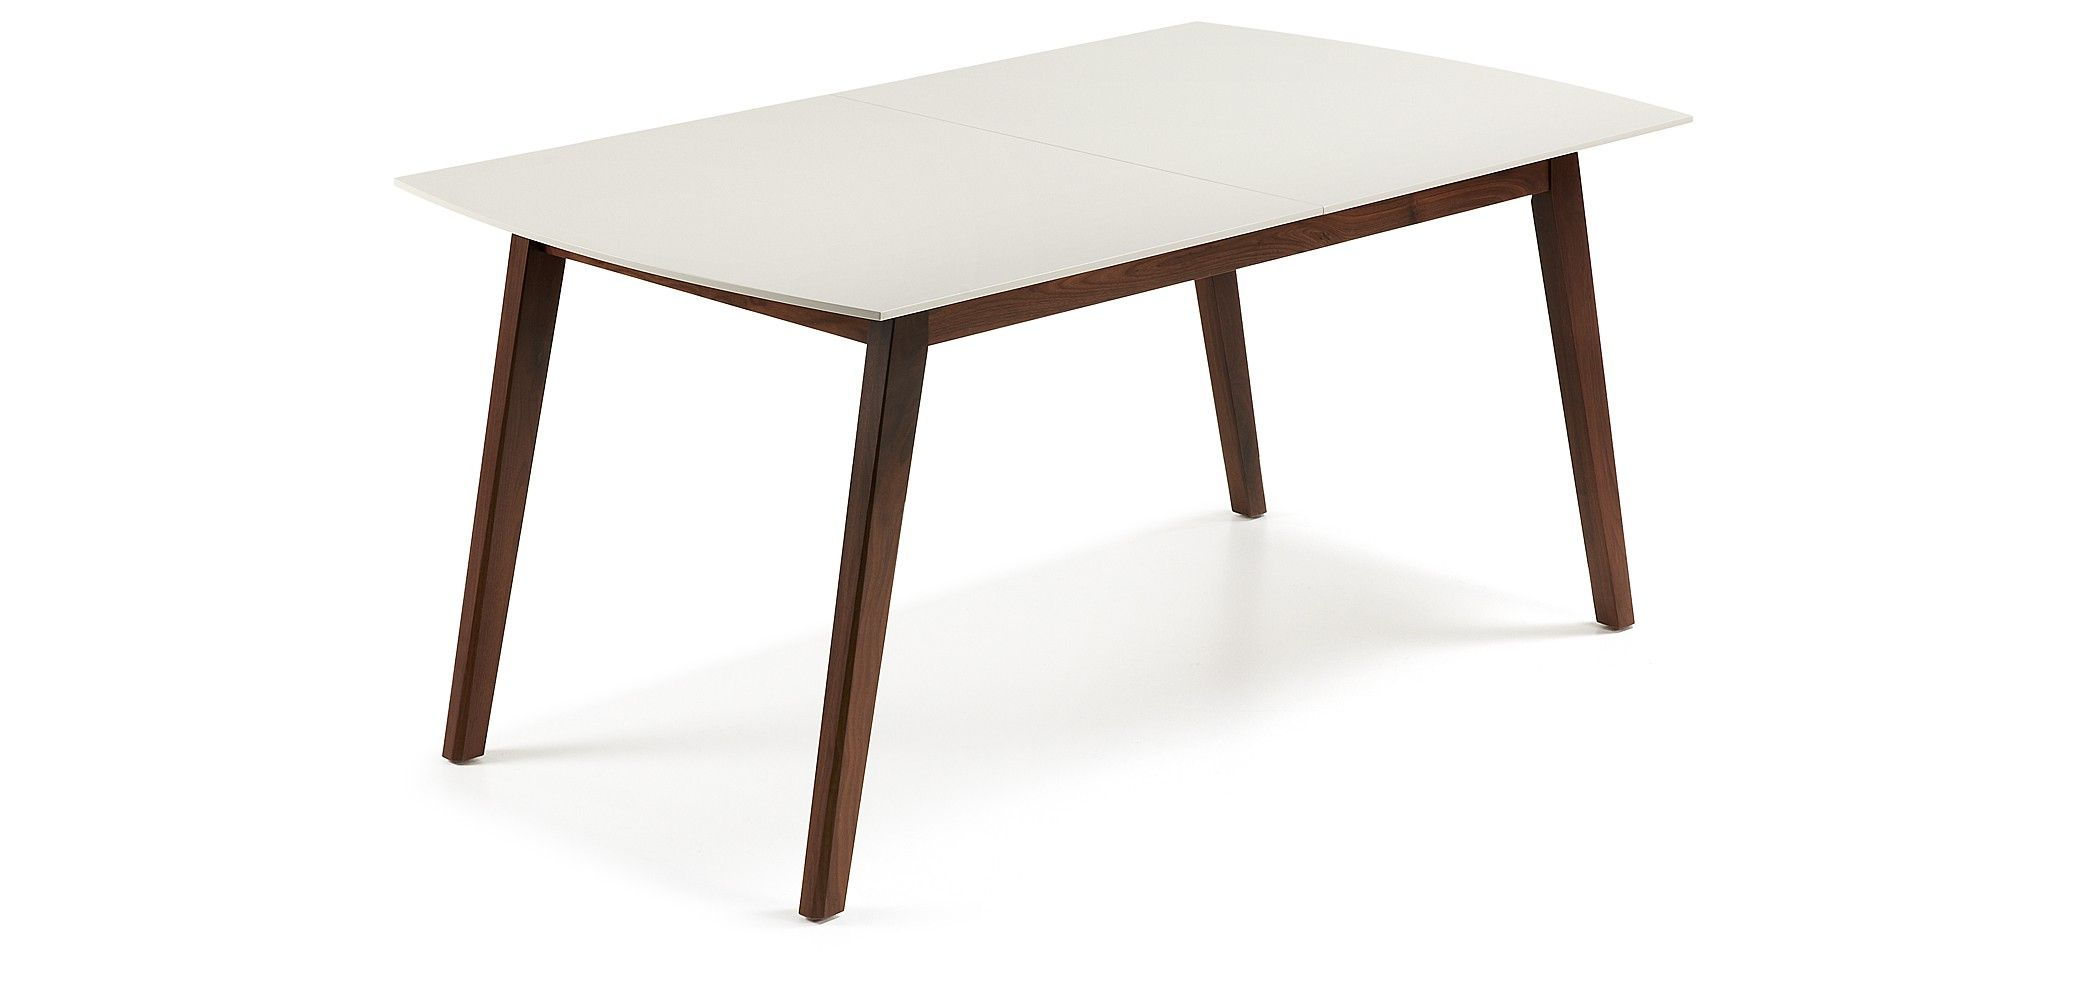 table extensible avec structure en bois de noyer americain massif plateau en panneau de fibres de bois laqu mat longueur maxime 180 cm - Table Extensible